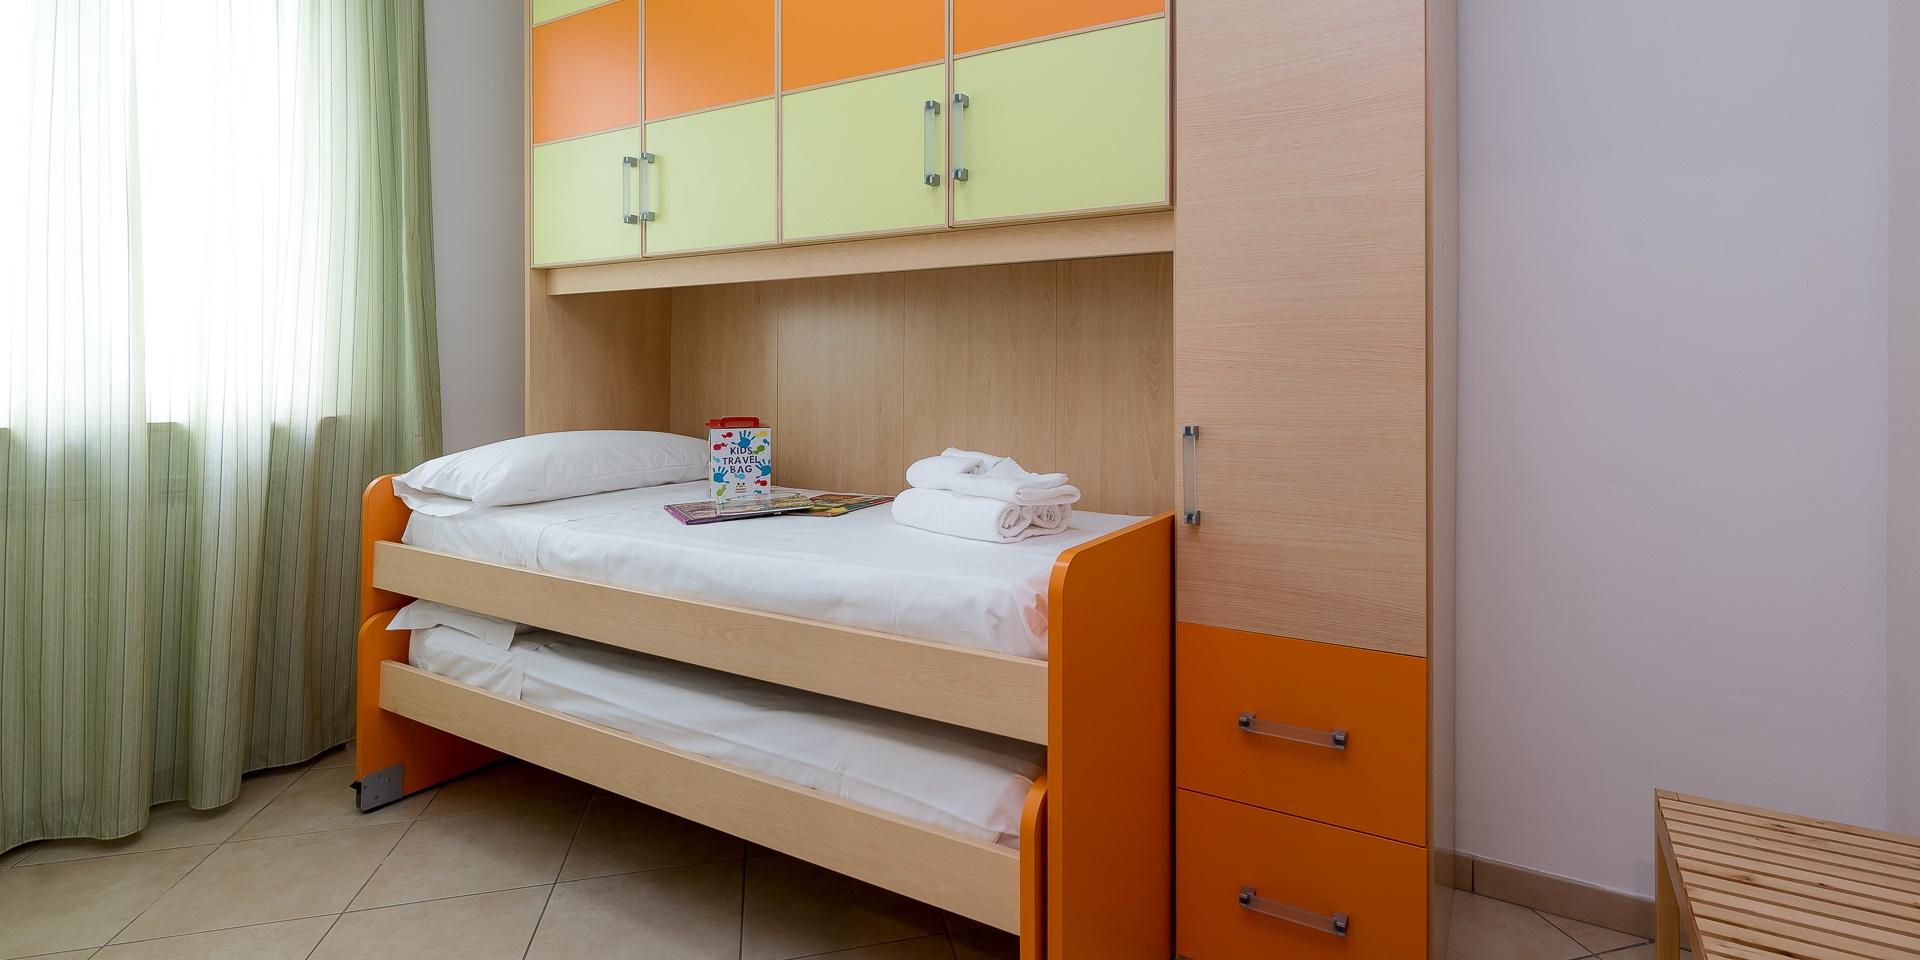 residence-desk-4